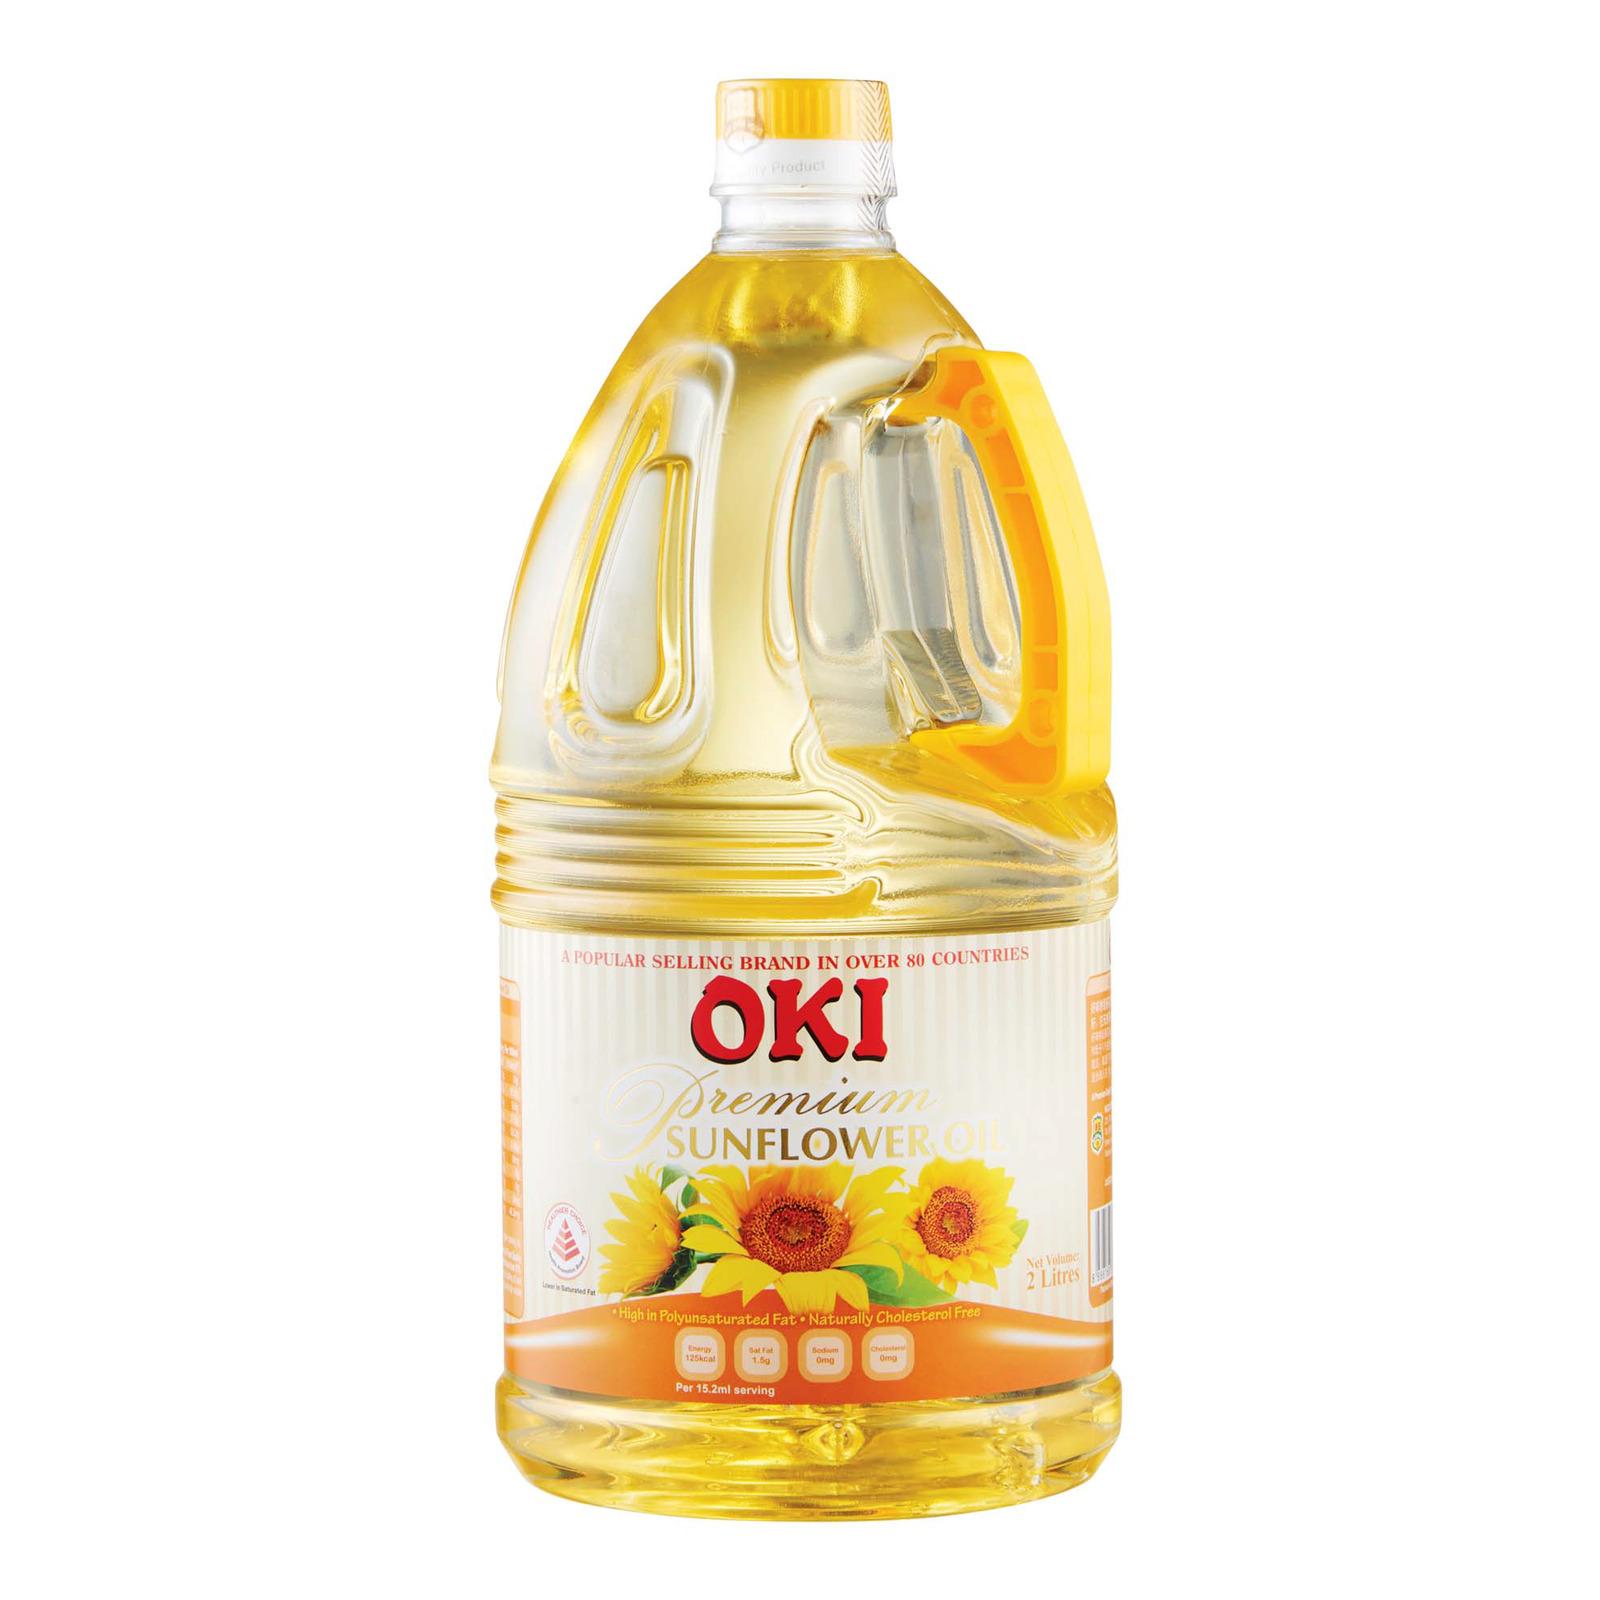 Oki Premium Sunflower Oil